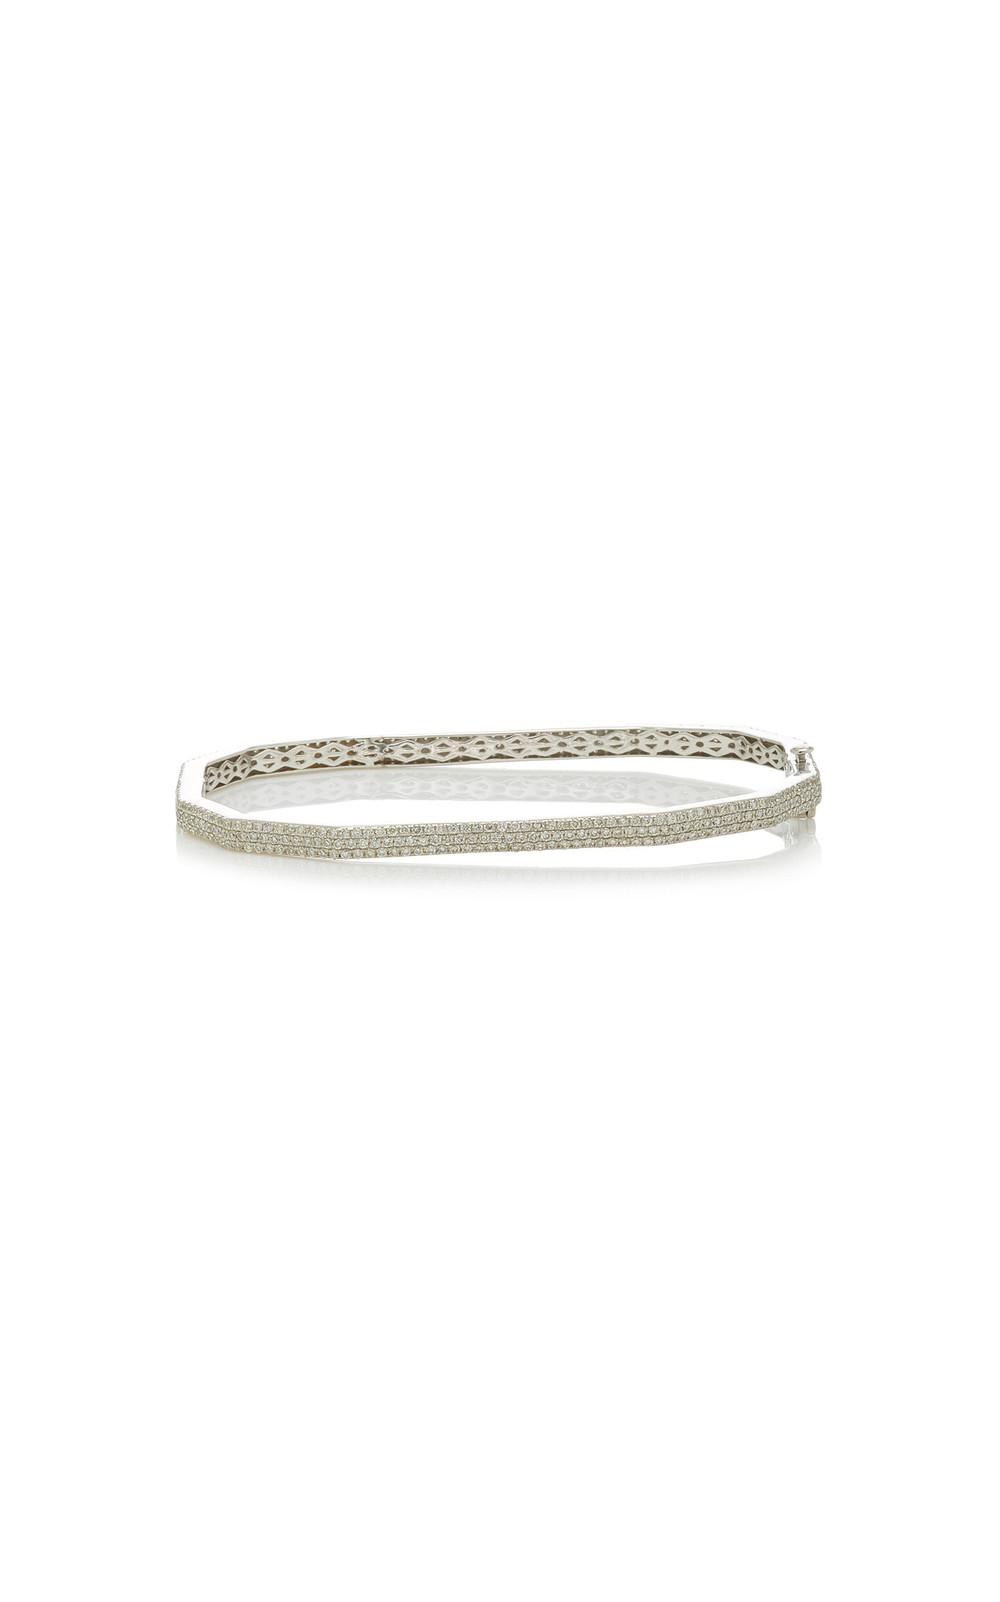 Ofira 18K White Gold And Diamond Dode Cuff in silver